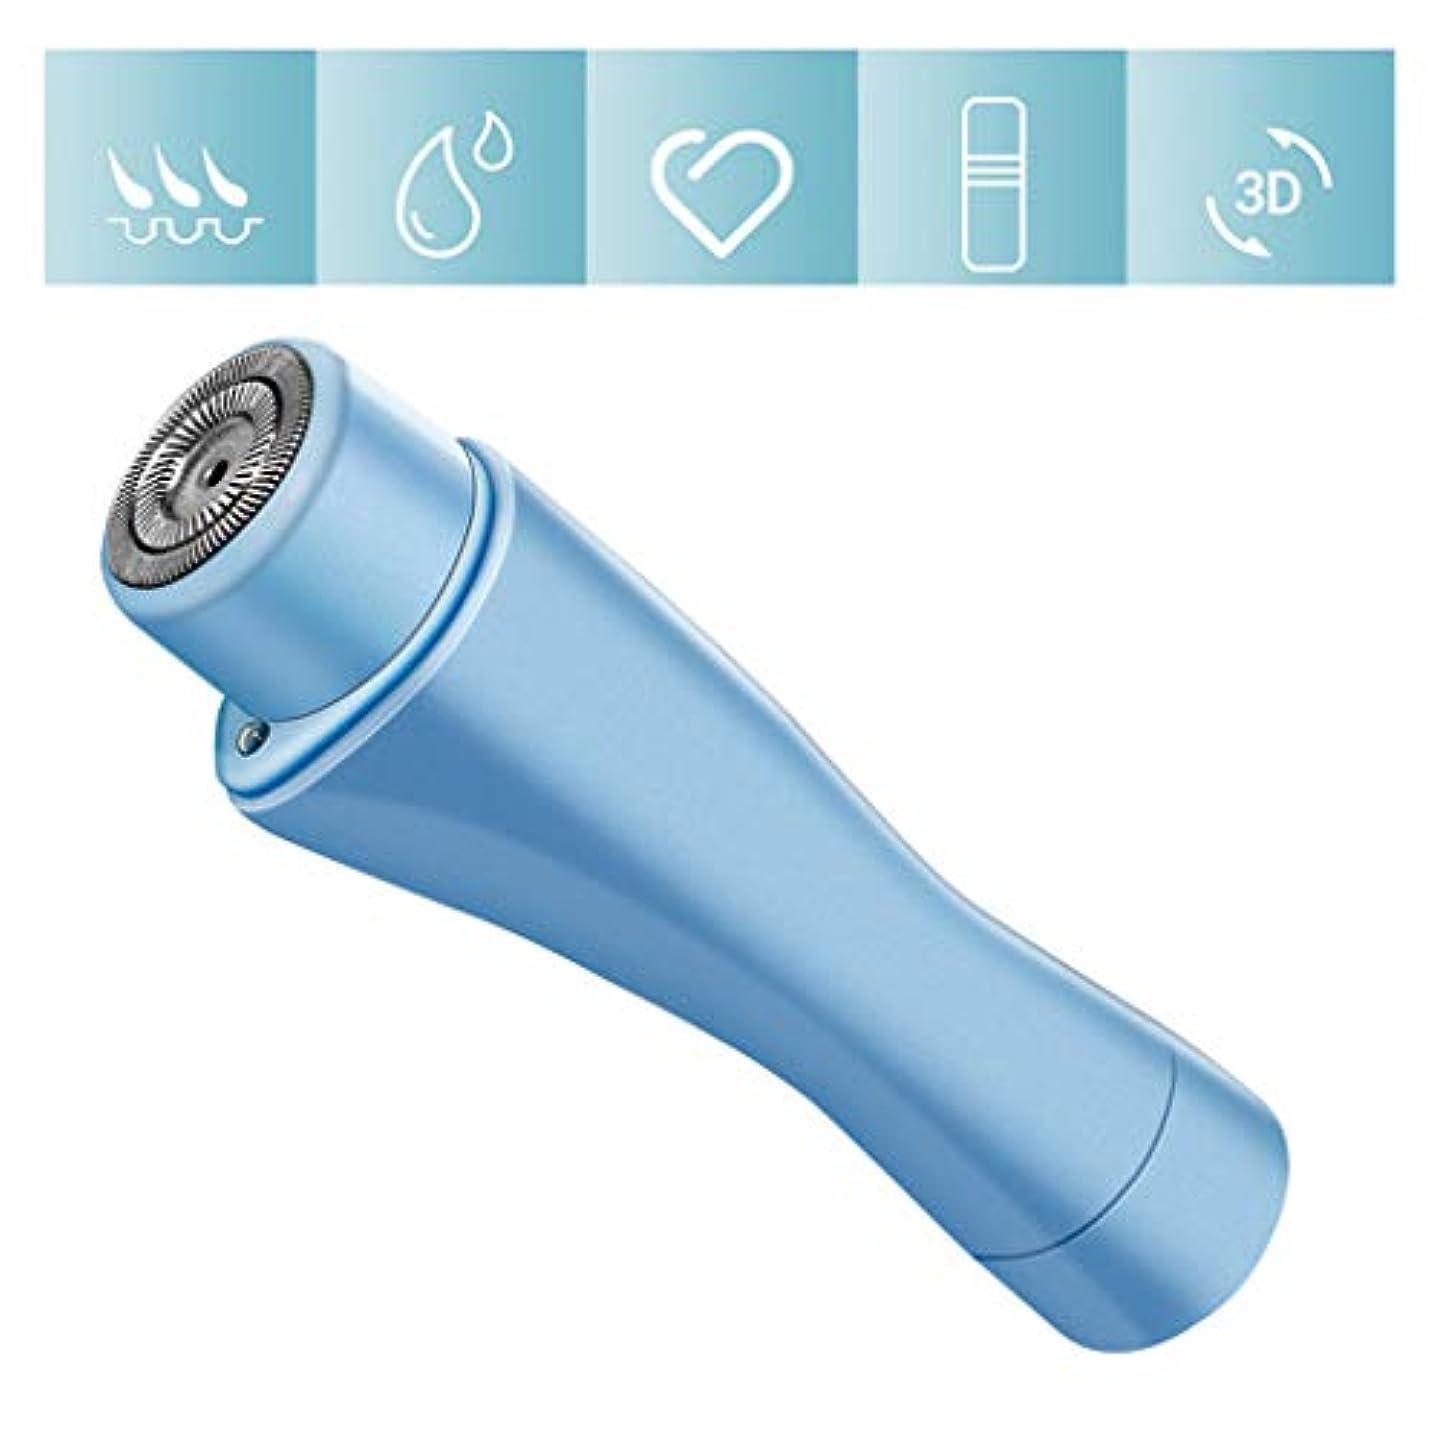 発疹手がかりシュガーかみそり電気かみそりに適していますミニ洗える女性だけが脱毛髪、脚、脇の下、私用部品などを持っています。,Blue